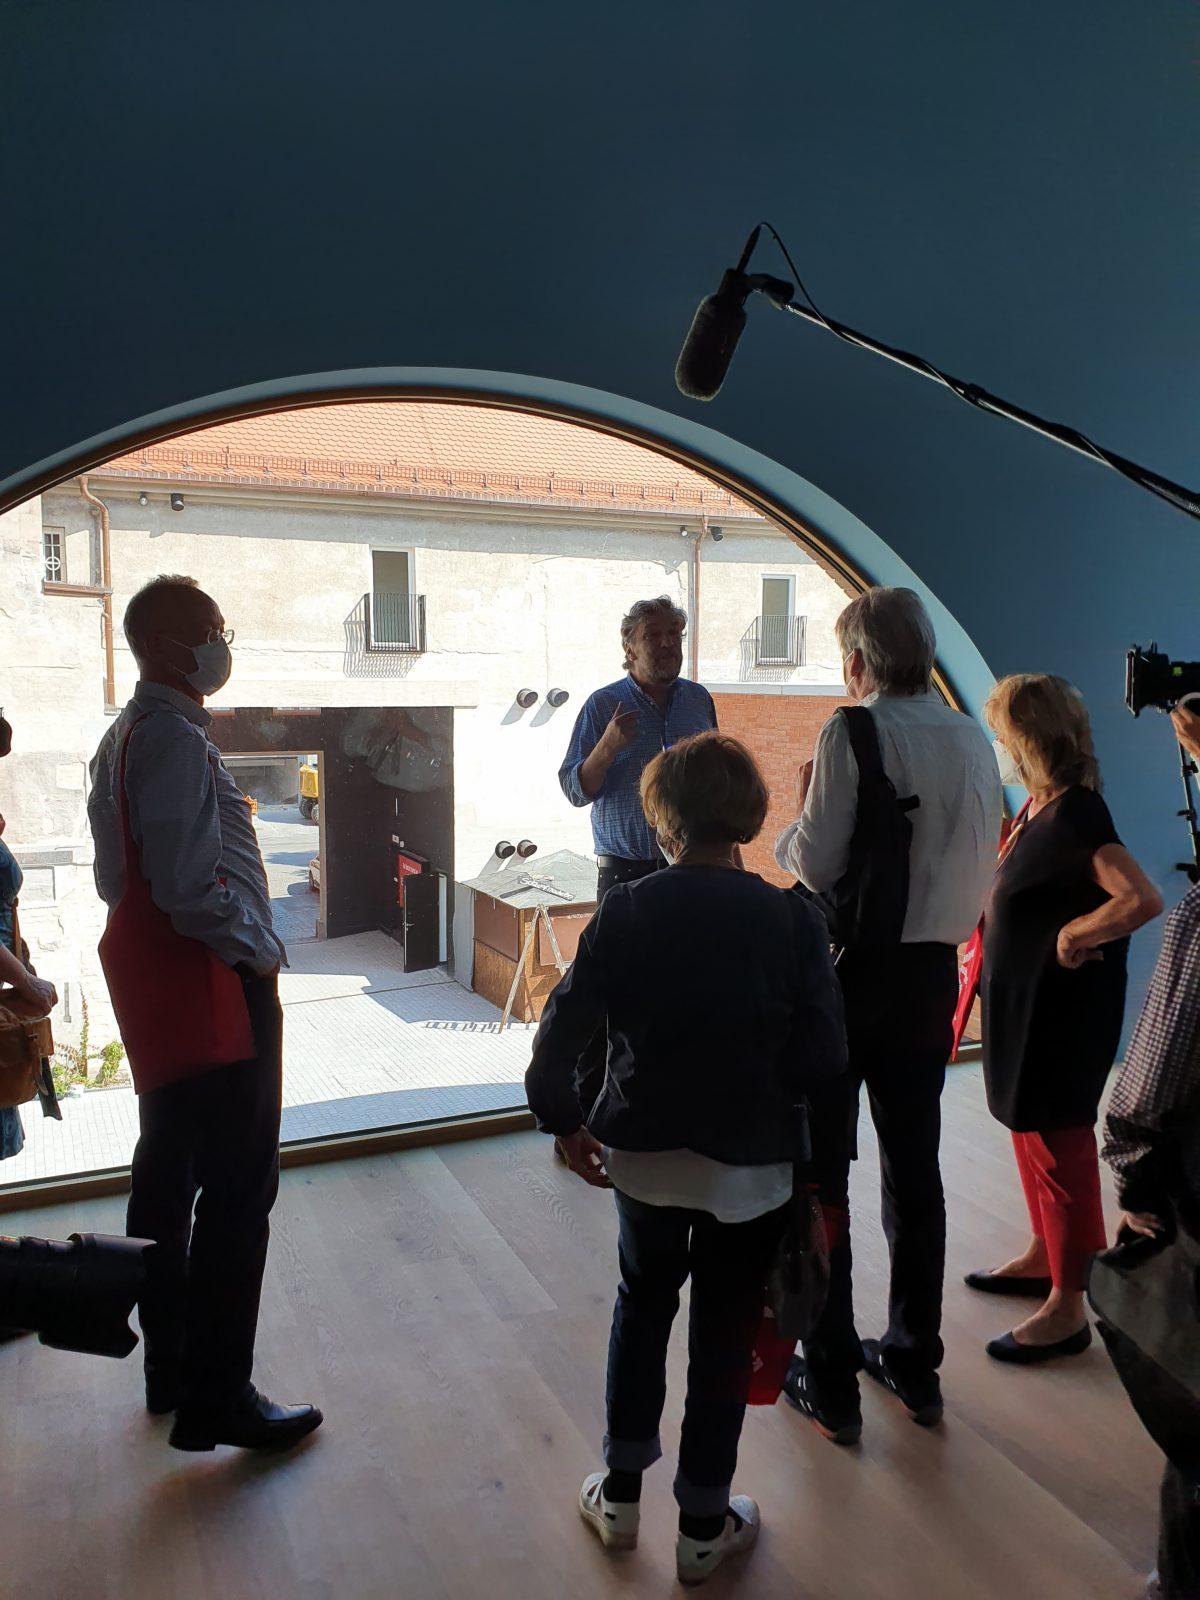 Intendant Stückl Pressekonferenz Eröffnung viehhof dreimuehlenviertel Muenchen